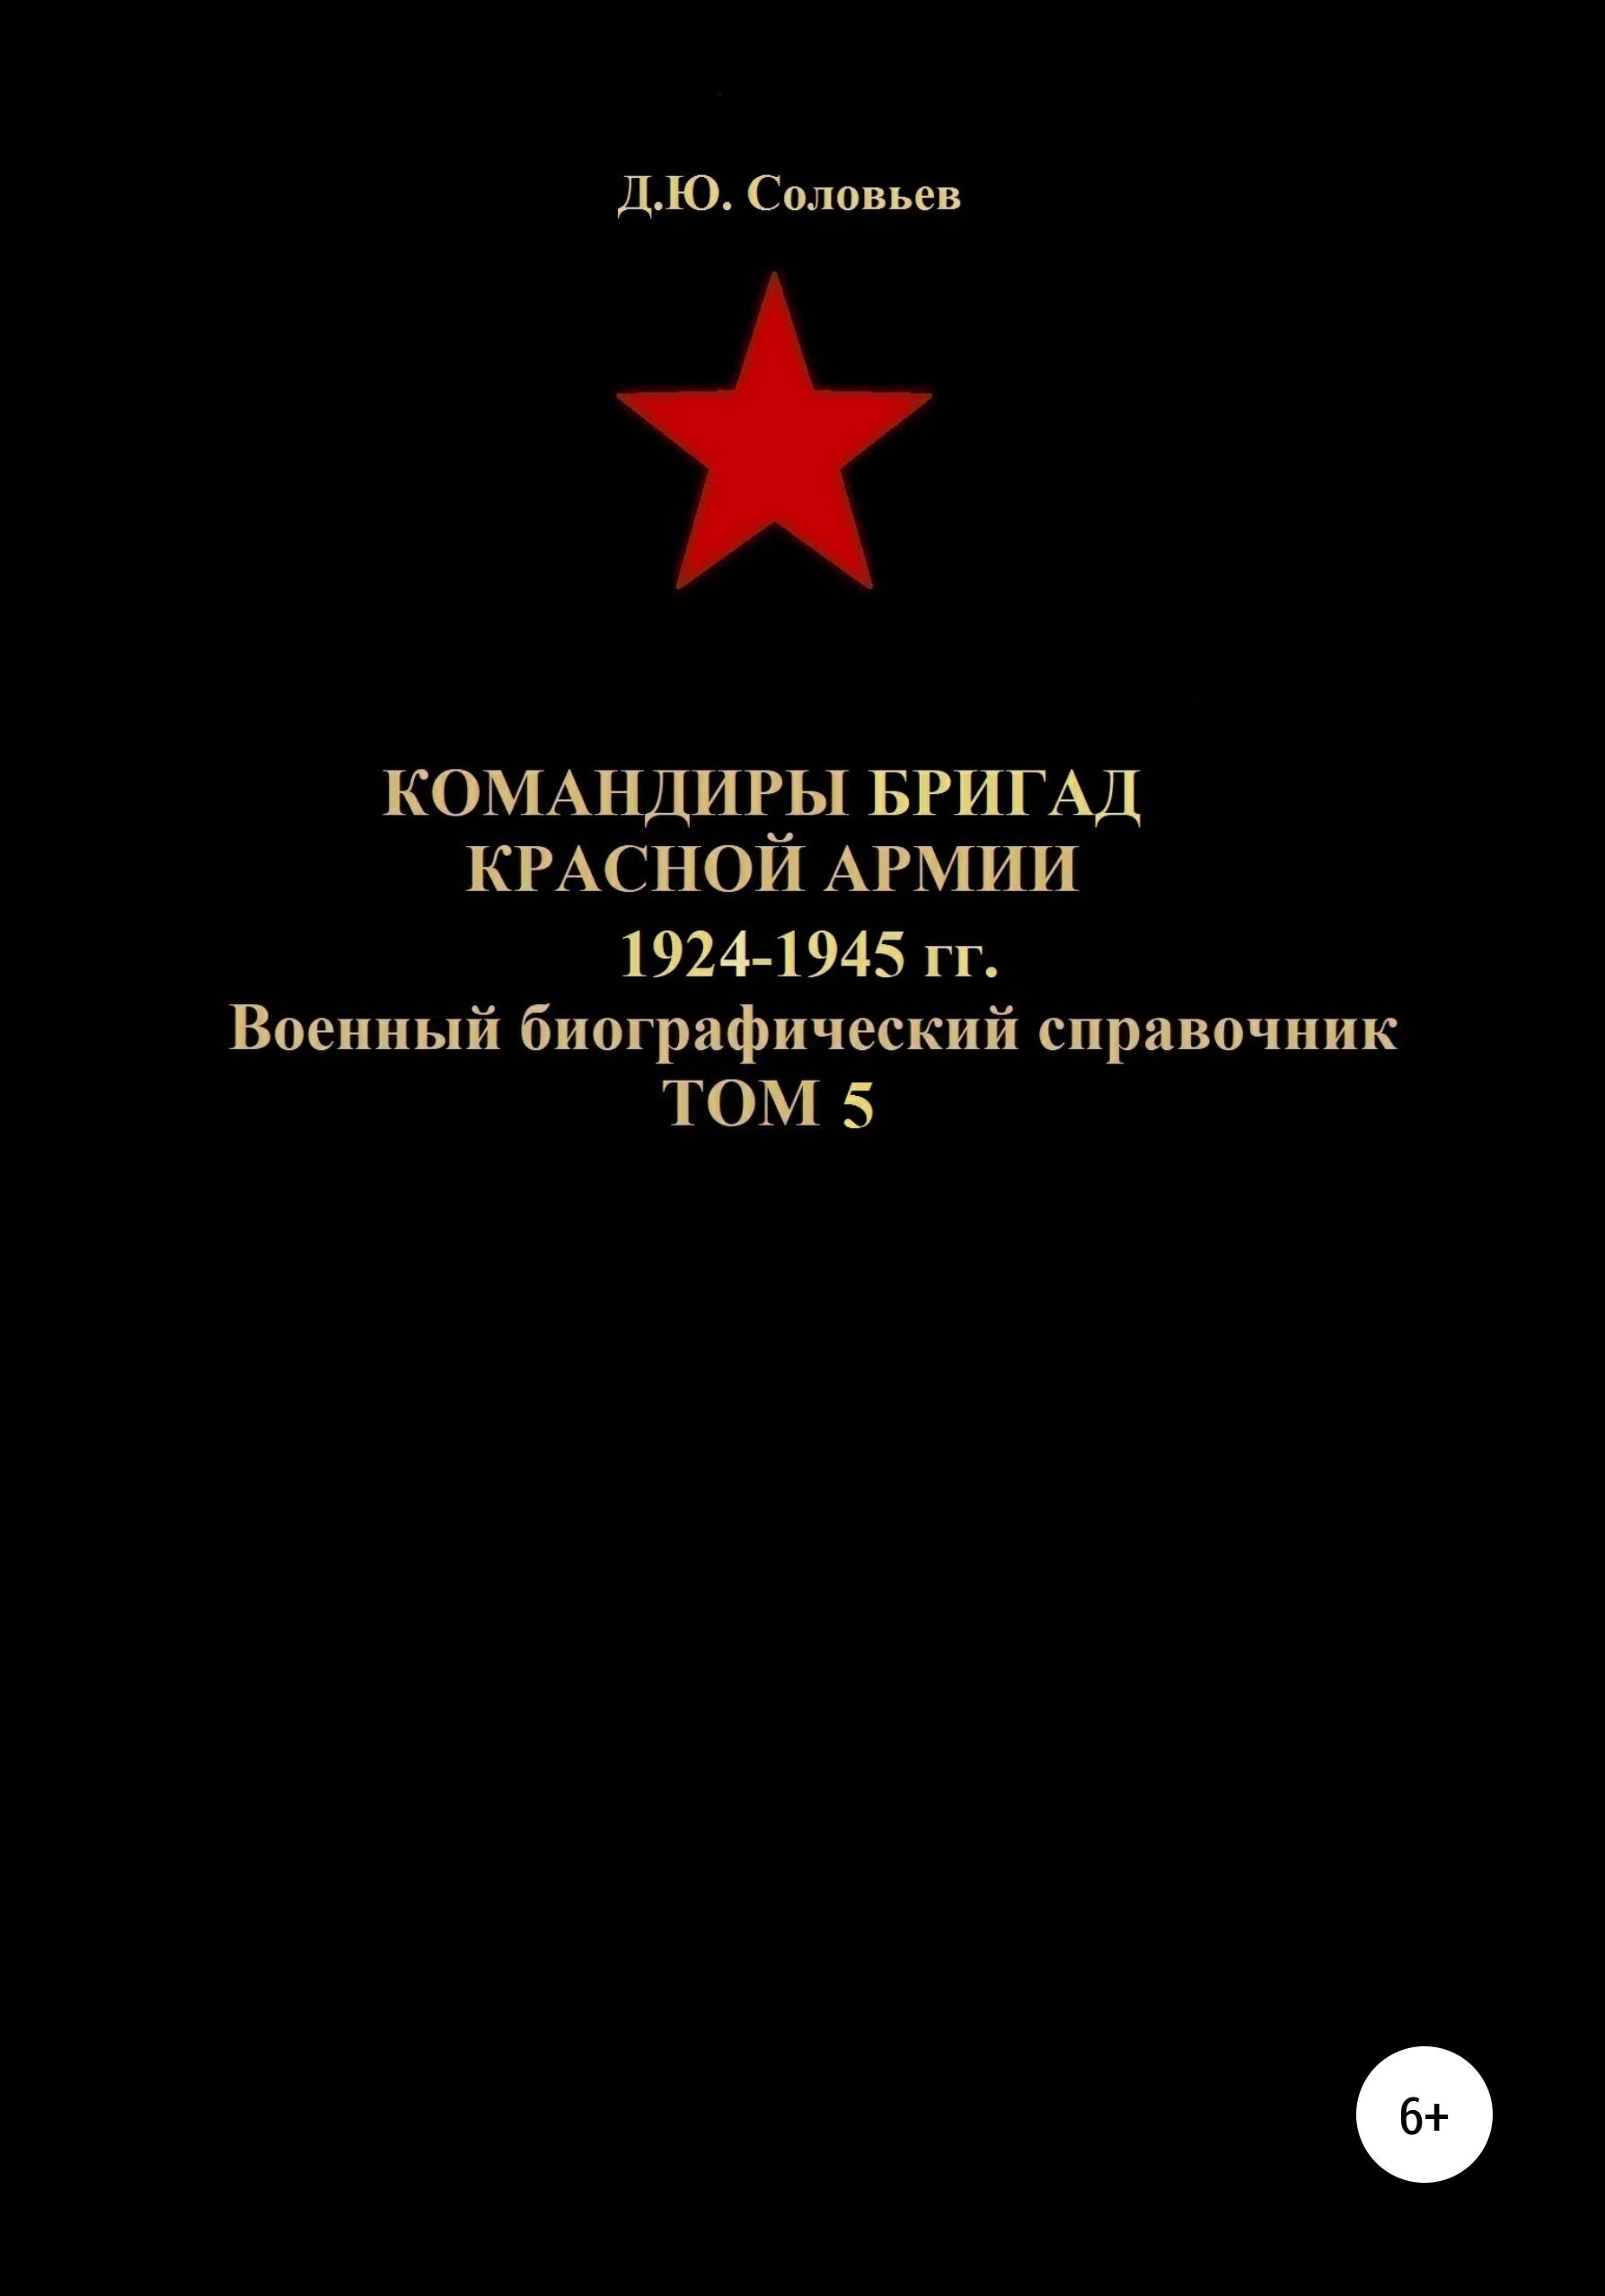 Командиры бригад Красной Армии 1924-1945 гг. Том 5